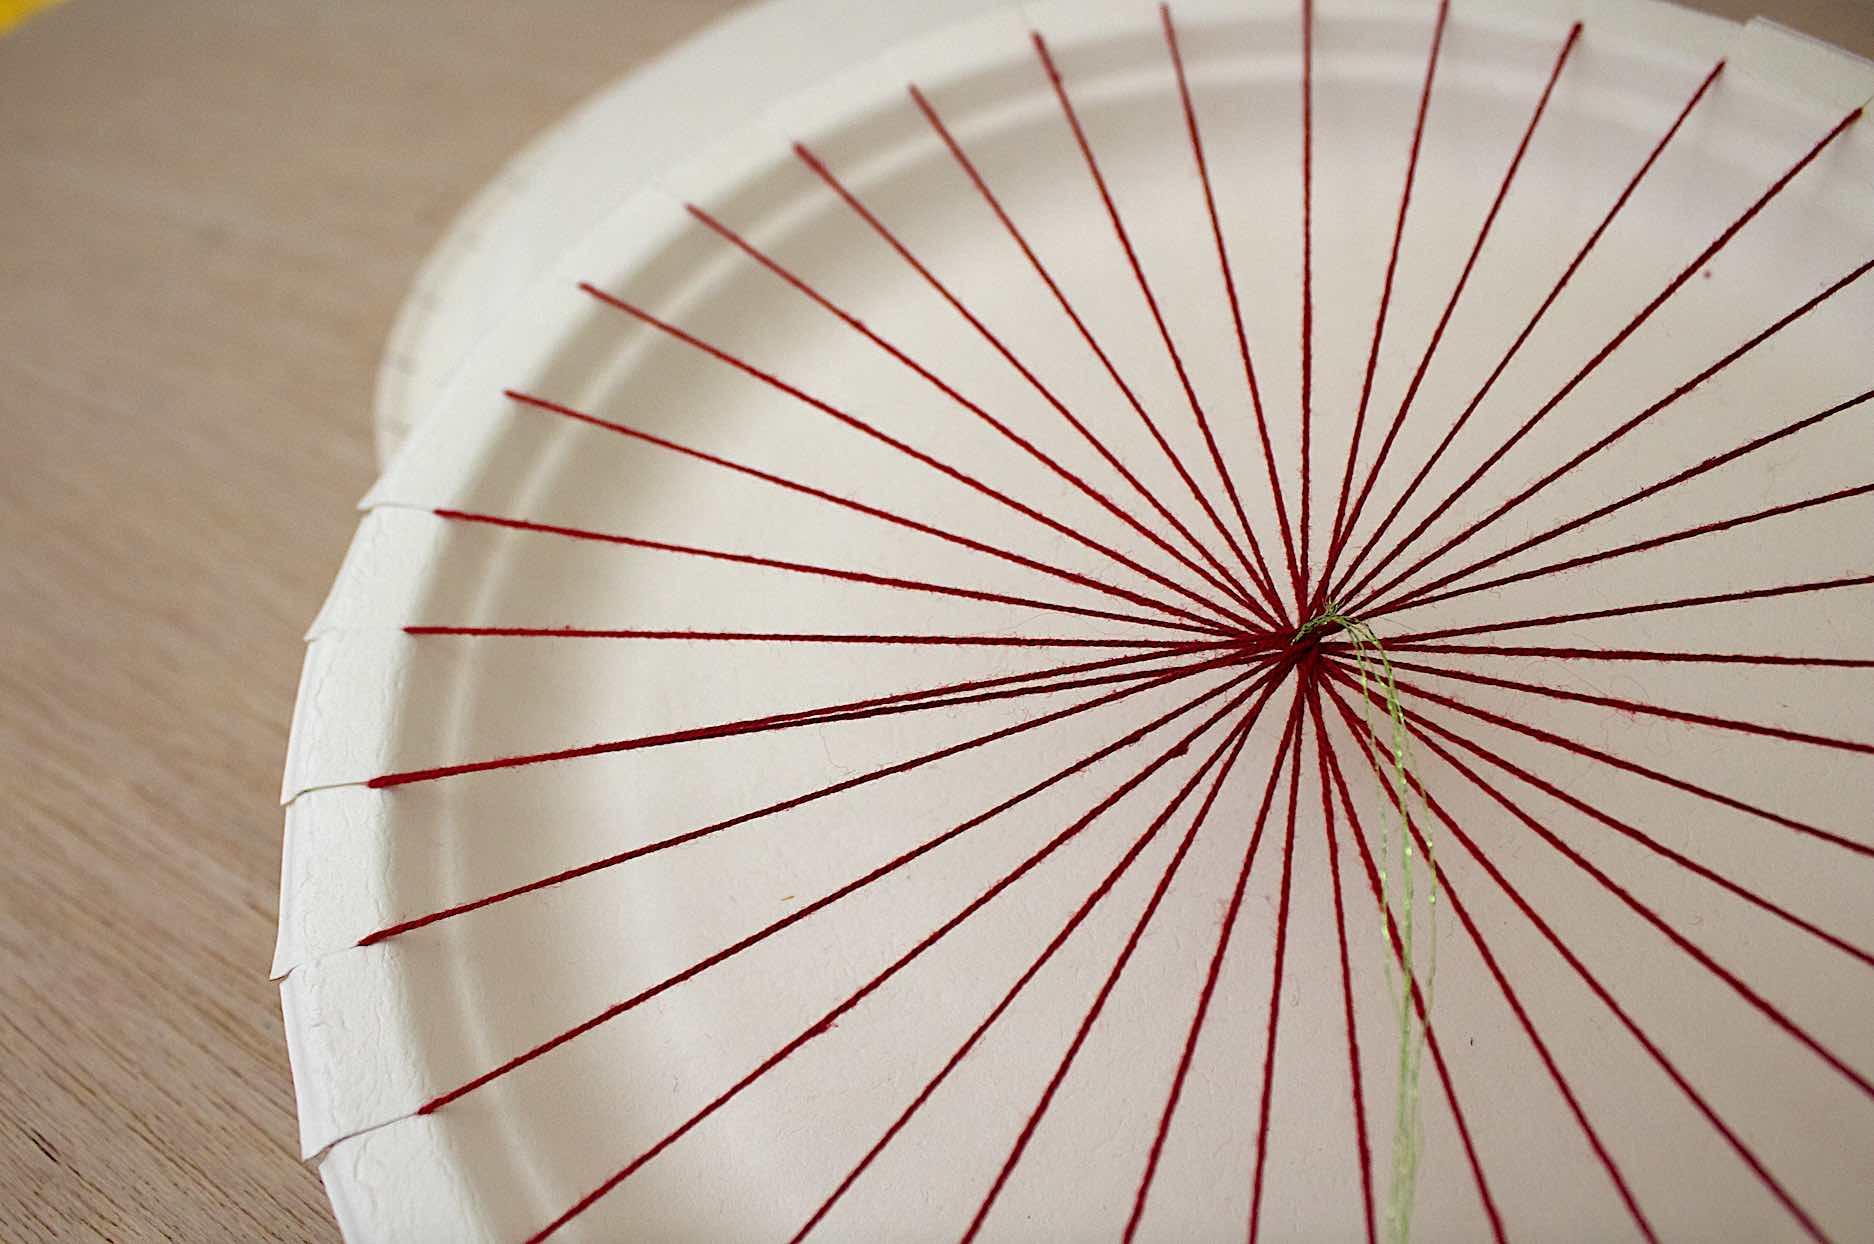 completate la circonferenza così come mostyrato in foto in modo da partire con la tessitura dal centro